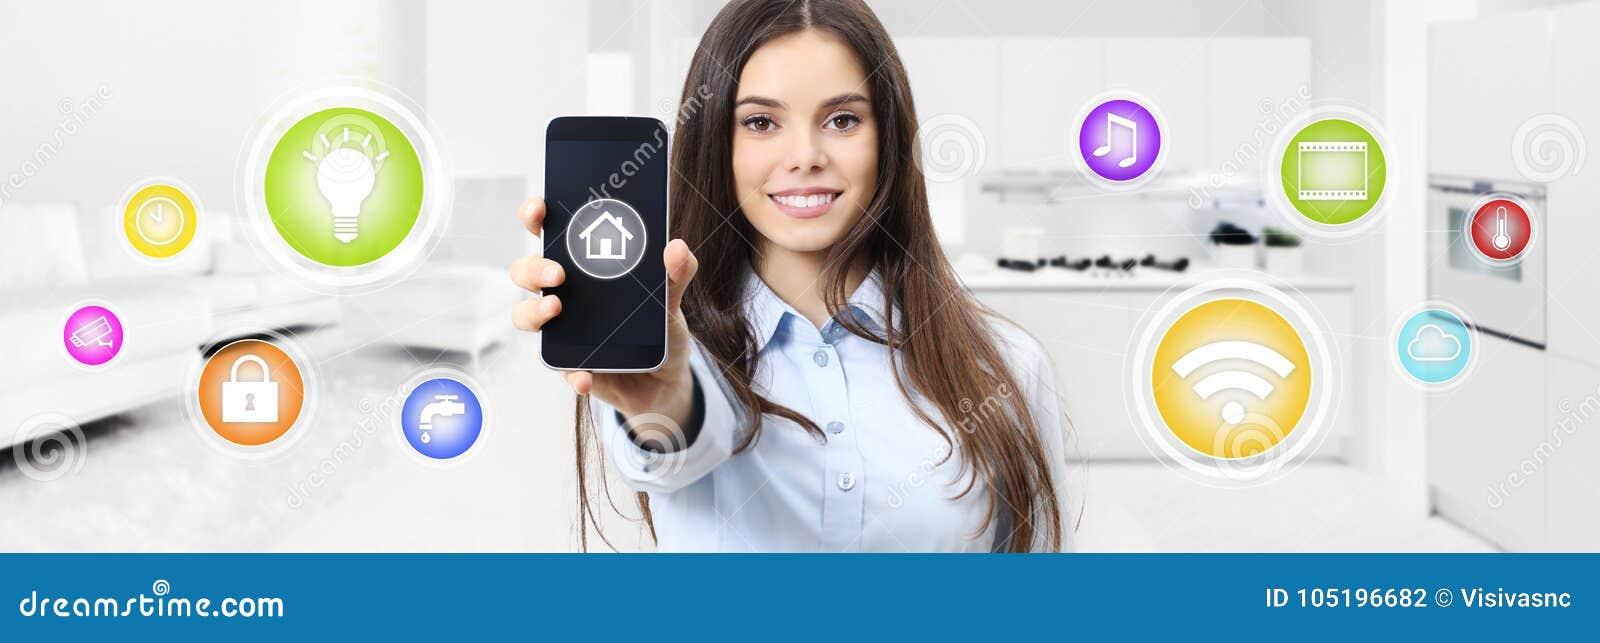 Mulher de sorriso home esperta que mostra a tela do telefone celular com colorido